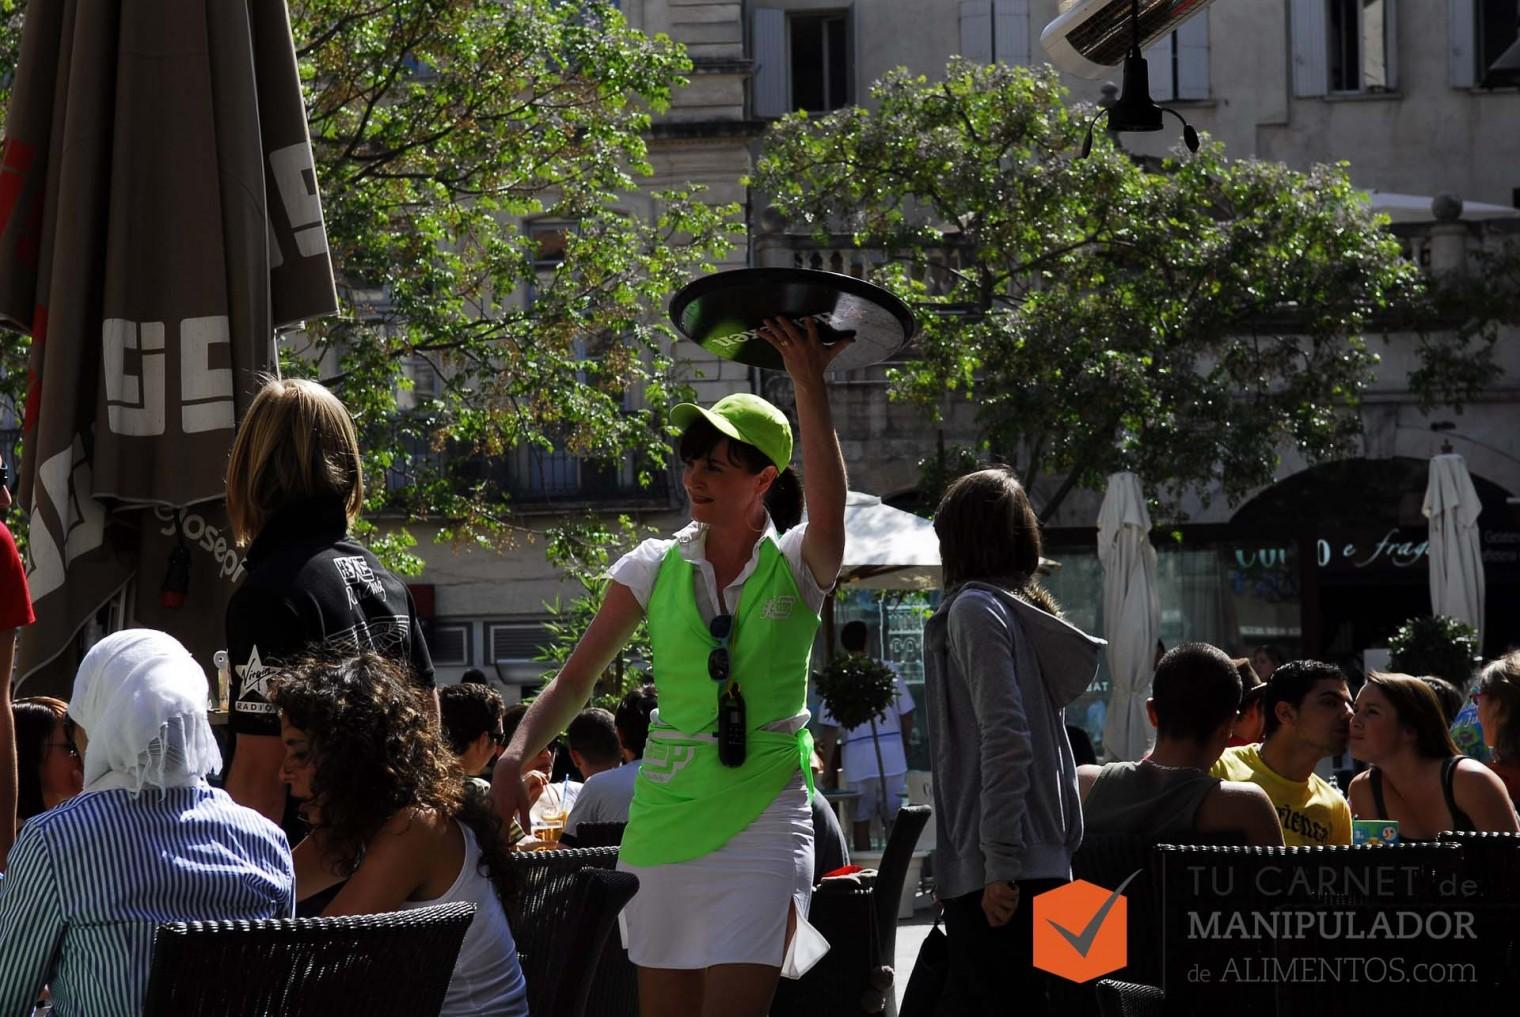 Hostelería y Turismo, sectores que más empleo generan en verano siendo camareros y cocineros los perfiles mas demandados